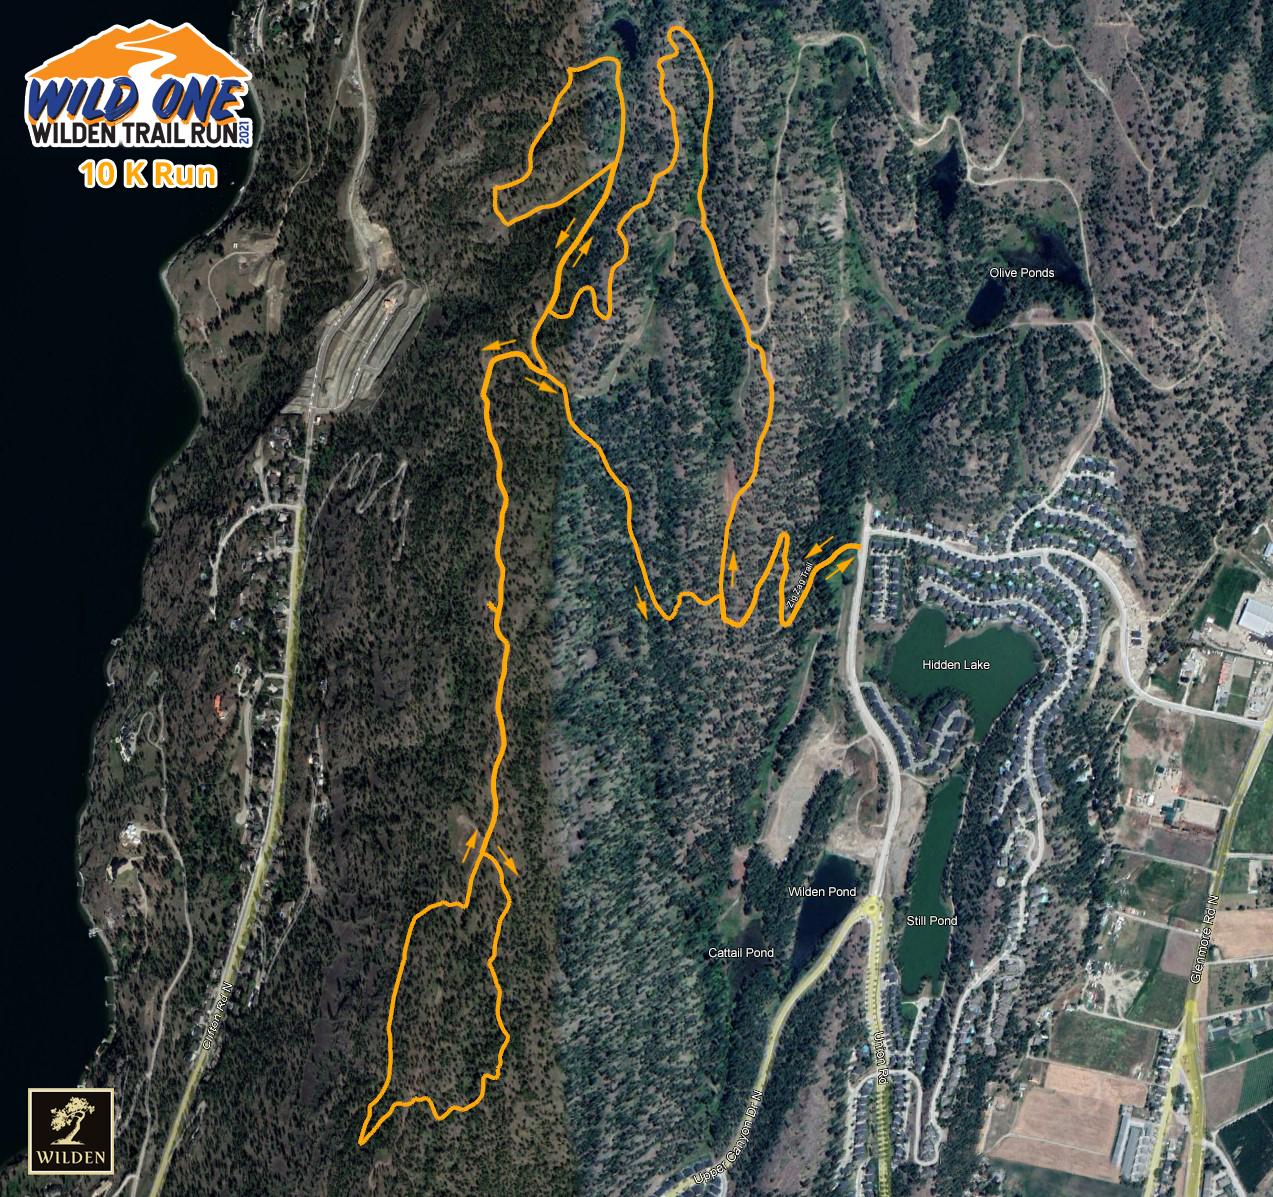 10K Wild One Run Route screenshot image